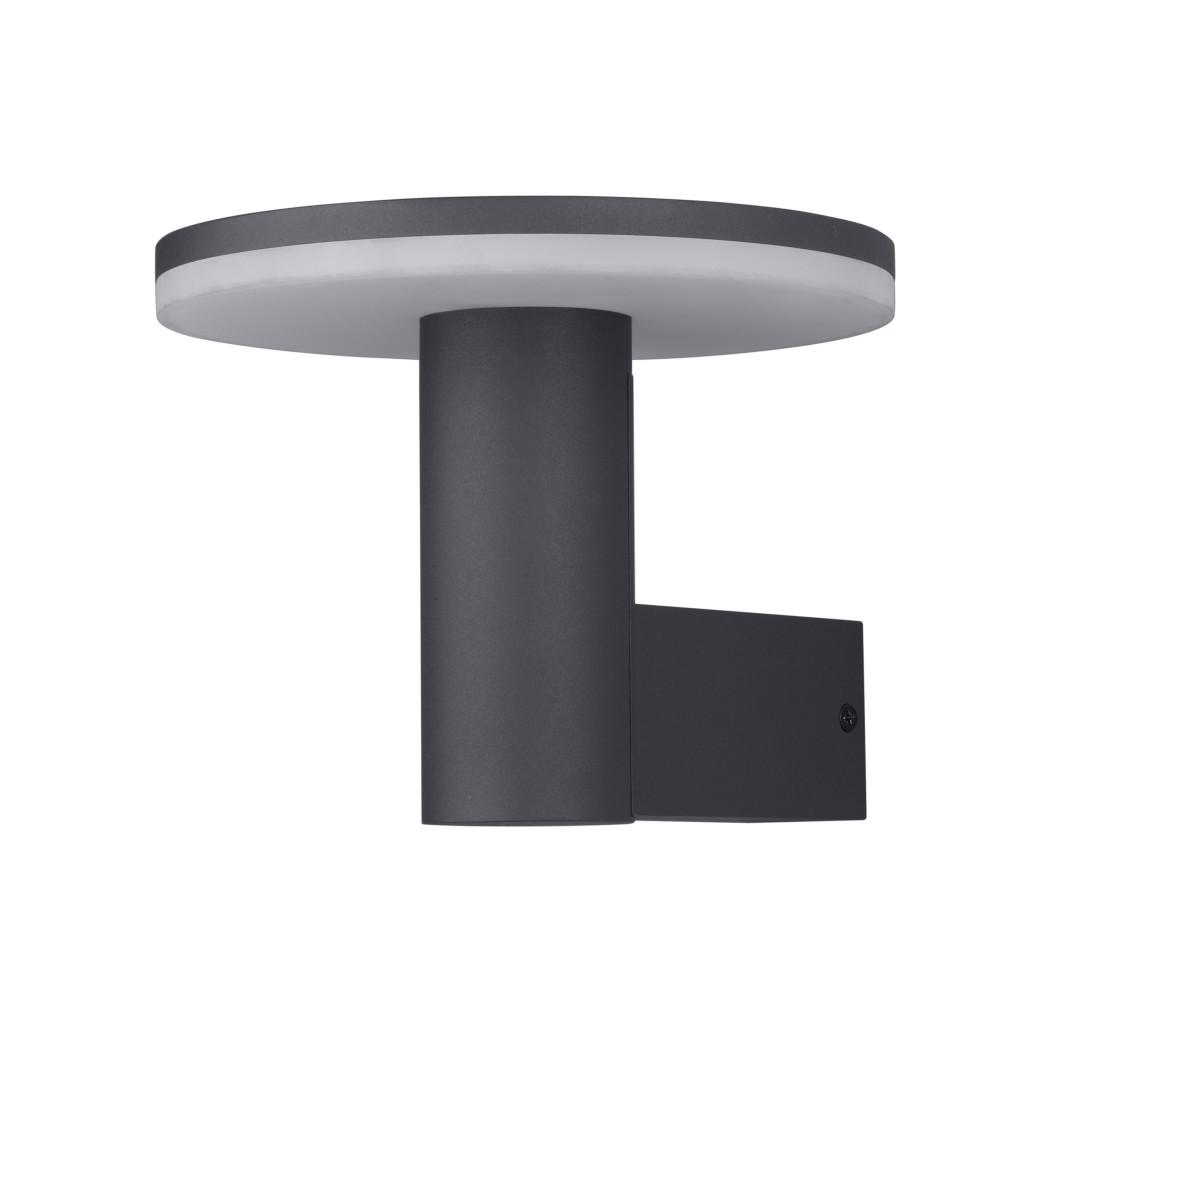 Светильник настенный уличный светодиодный Mantra Cerler 6496